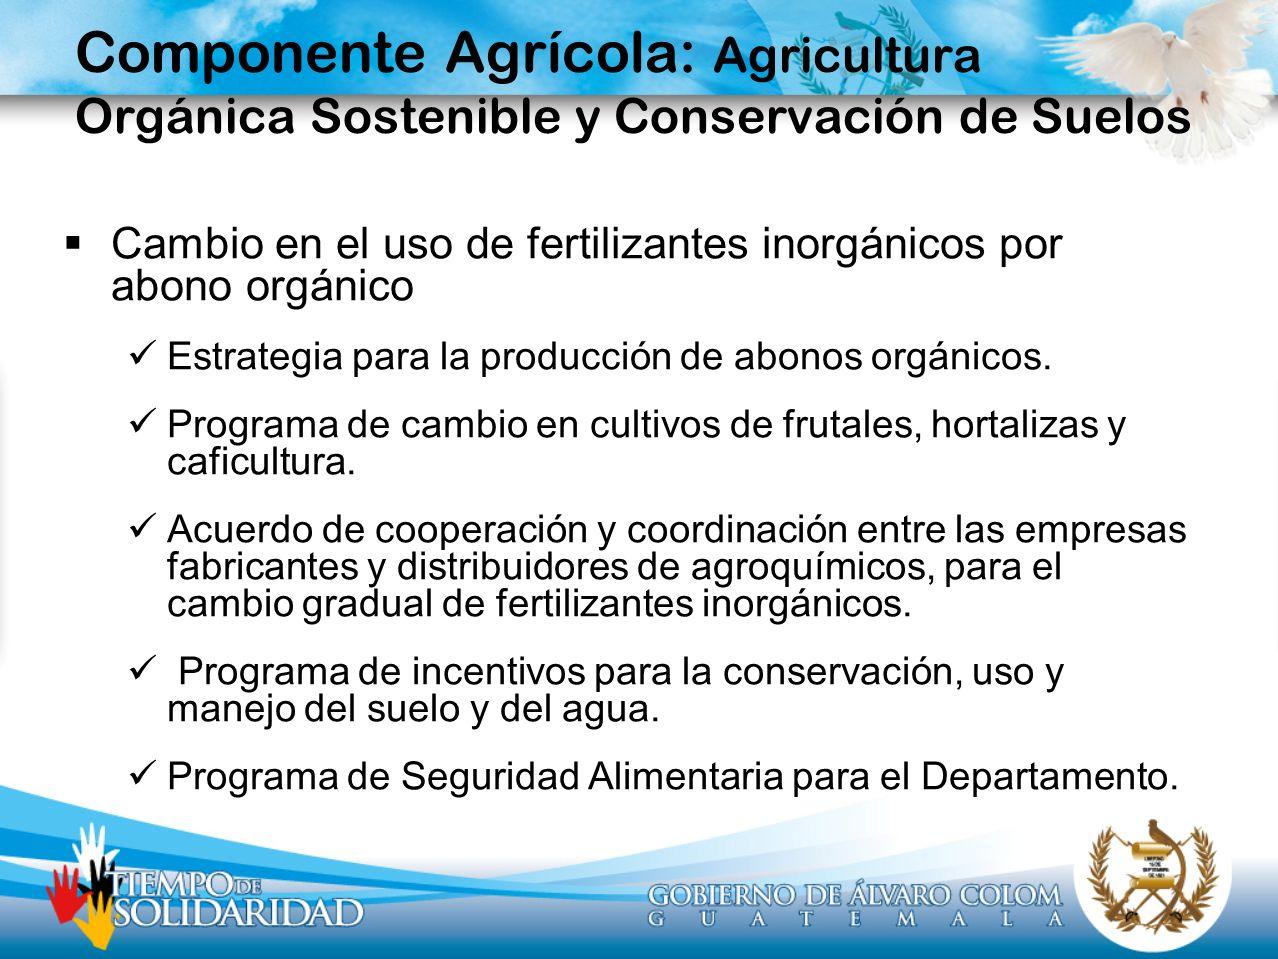 Componente Agrícola: Agricultura Orgánica Sostenible y Conservación de Suelos